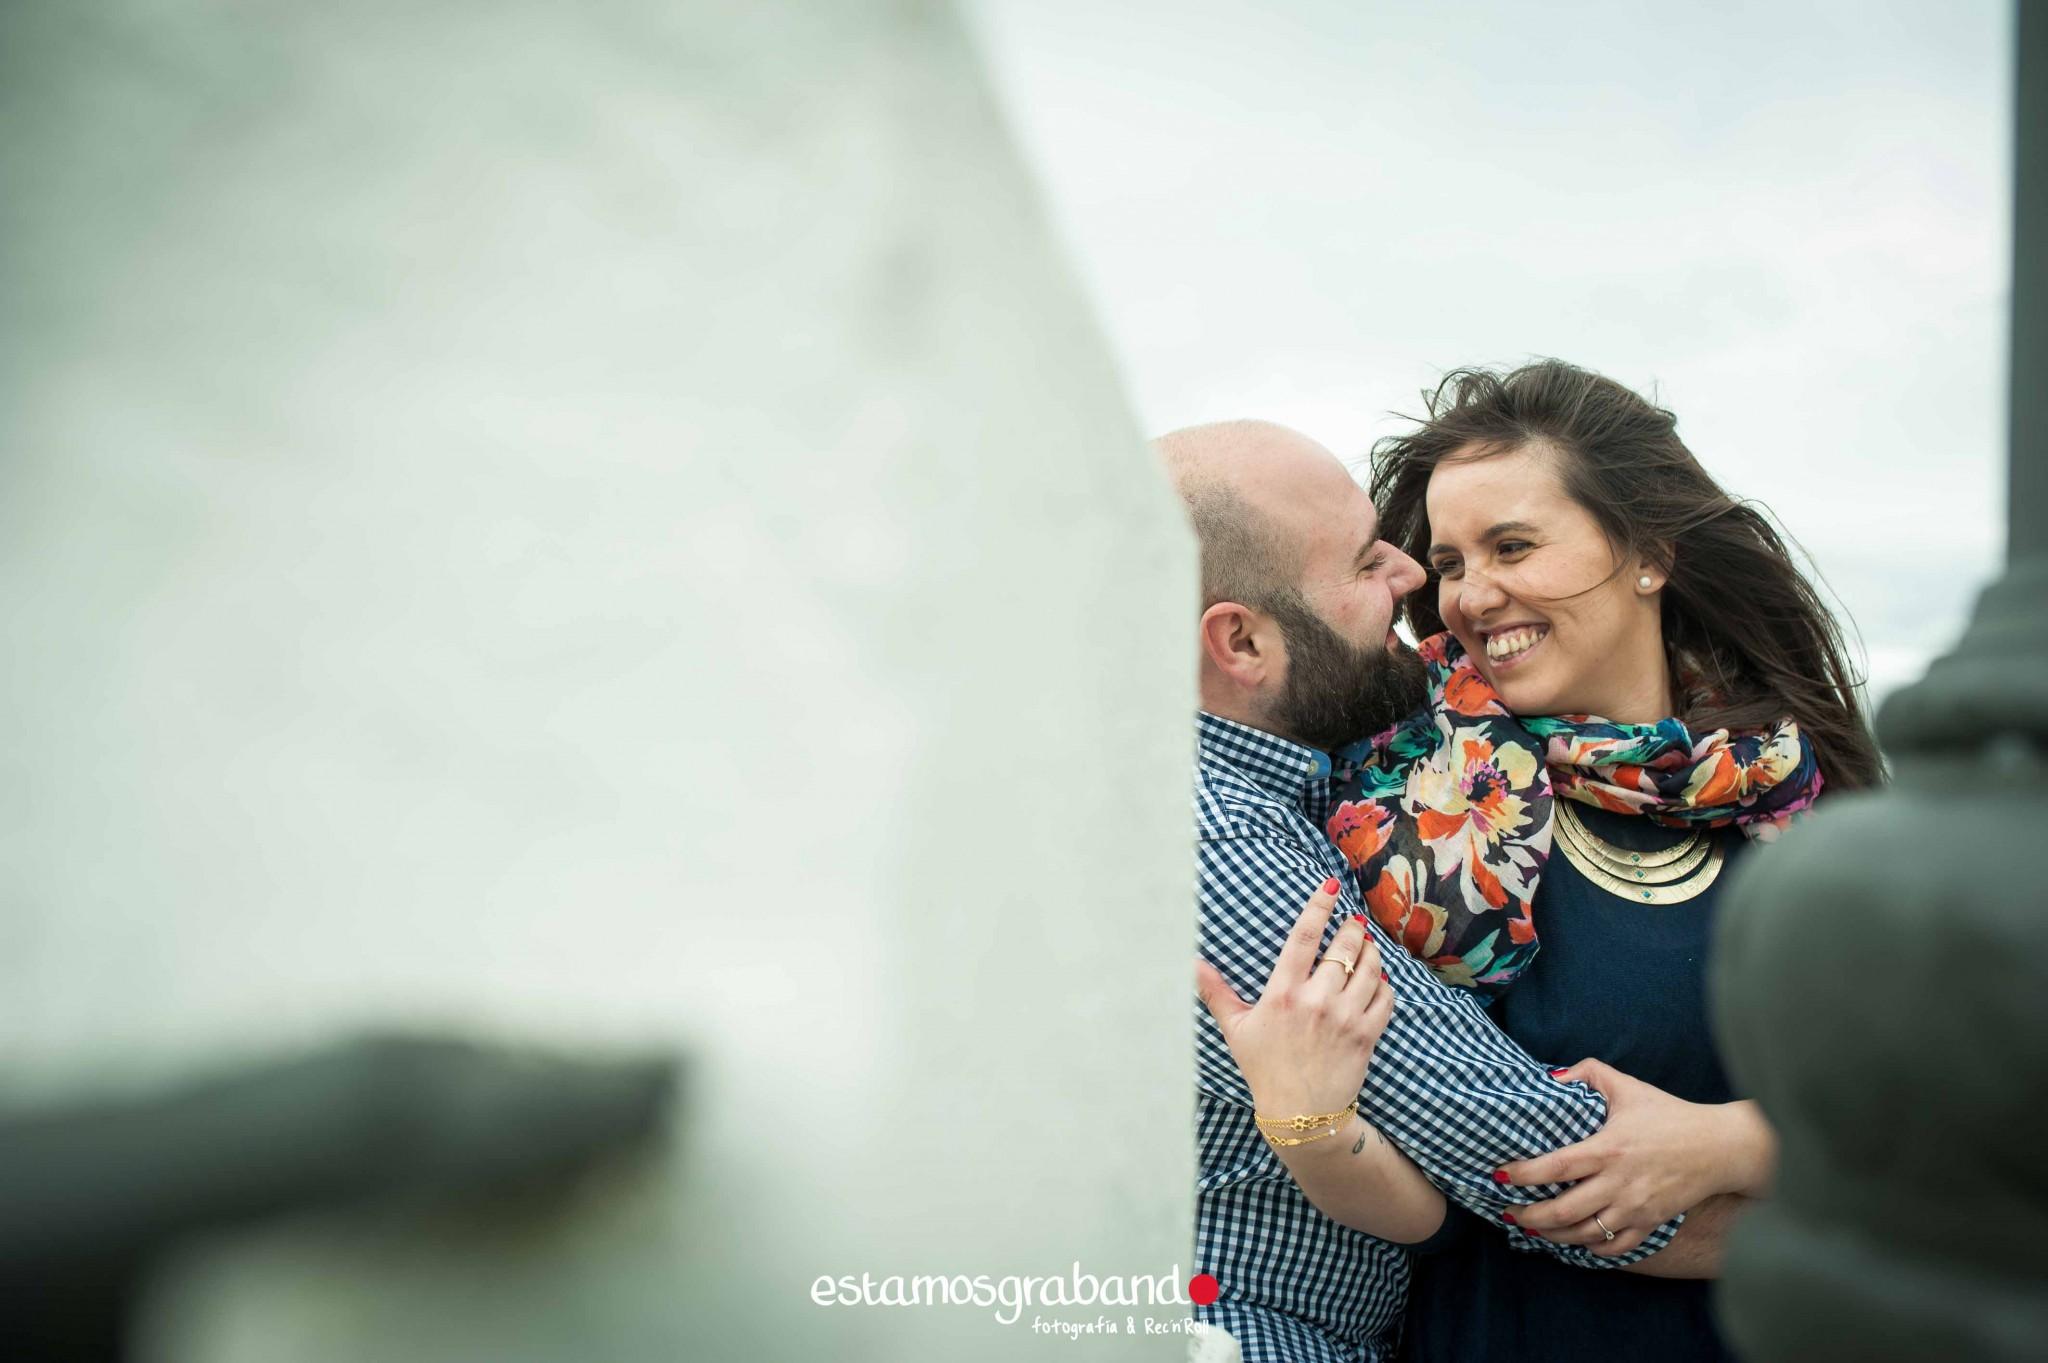 mariano-leticia-blog-3-de-25 Mariano & Leticia [Fotografía Preboda en Vejer y El Palmar] - video boda cadiz